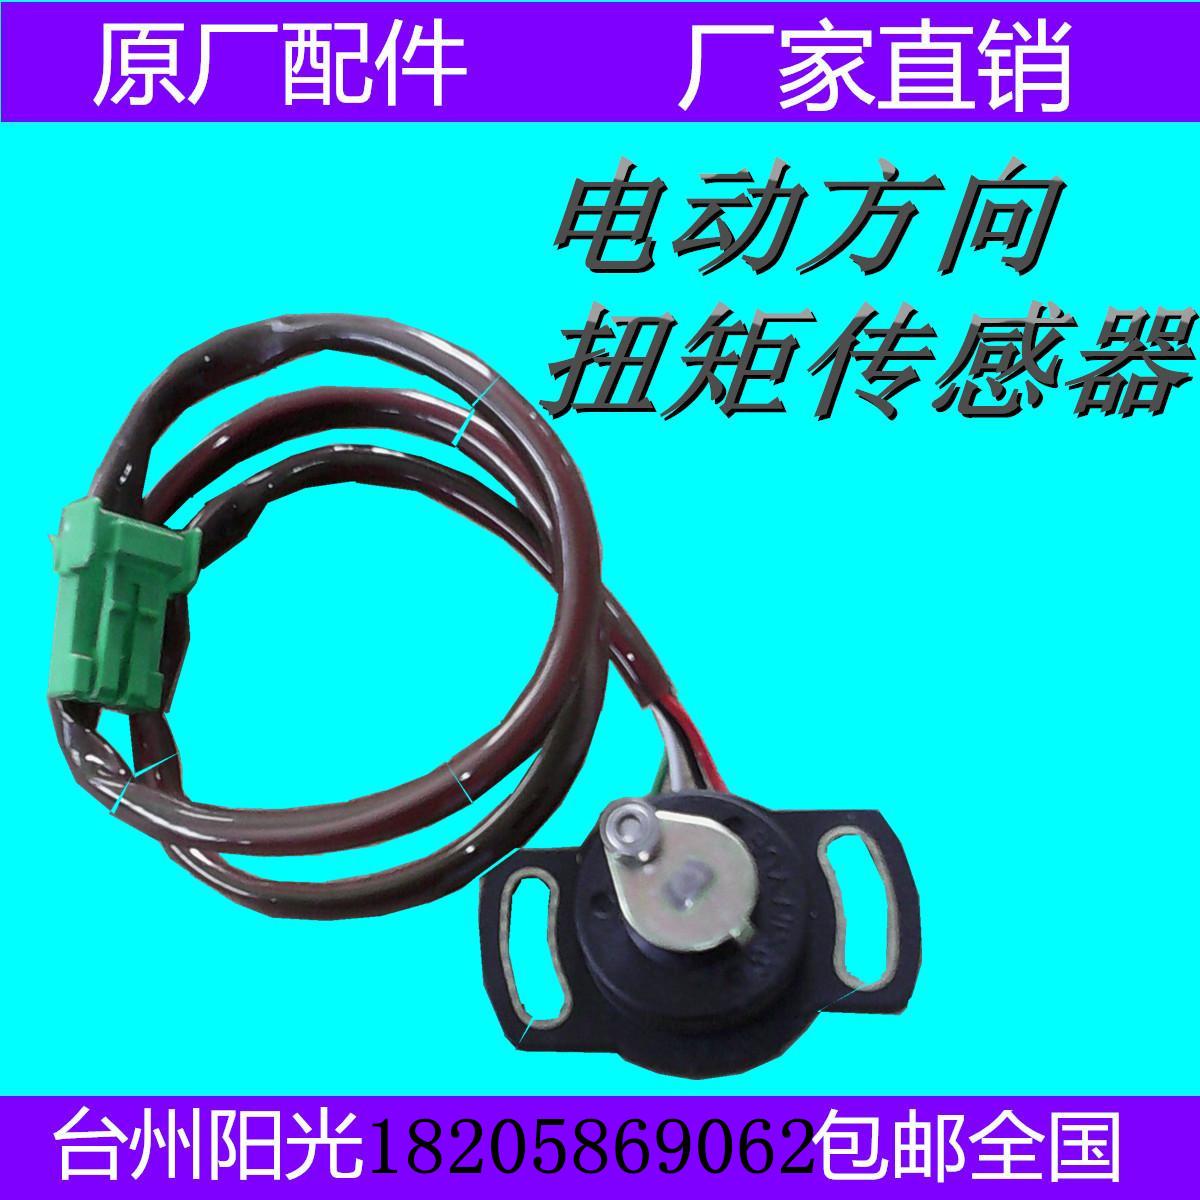 en elektronisk styrning mot bilar för att reparera eps - paketet - riktning.